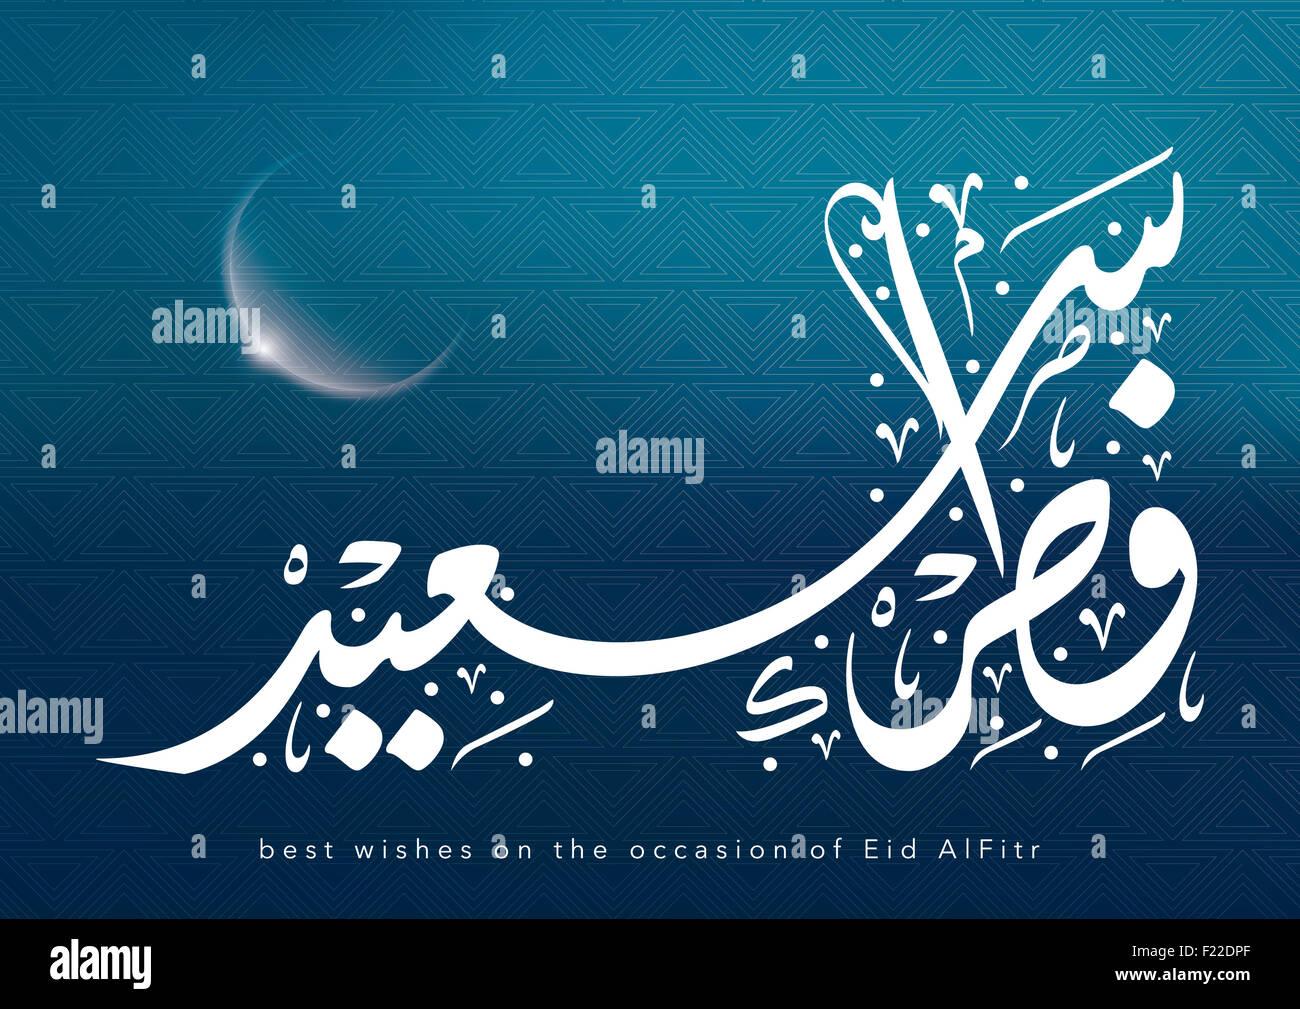 Wonderful Saeed Arabic Eid Al-Fitr Greeting - arabic-calligraphy-best-wishes-on-the-occasion-of-eid-al-fitr-F22DPF  HD_384359 .jpg